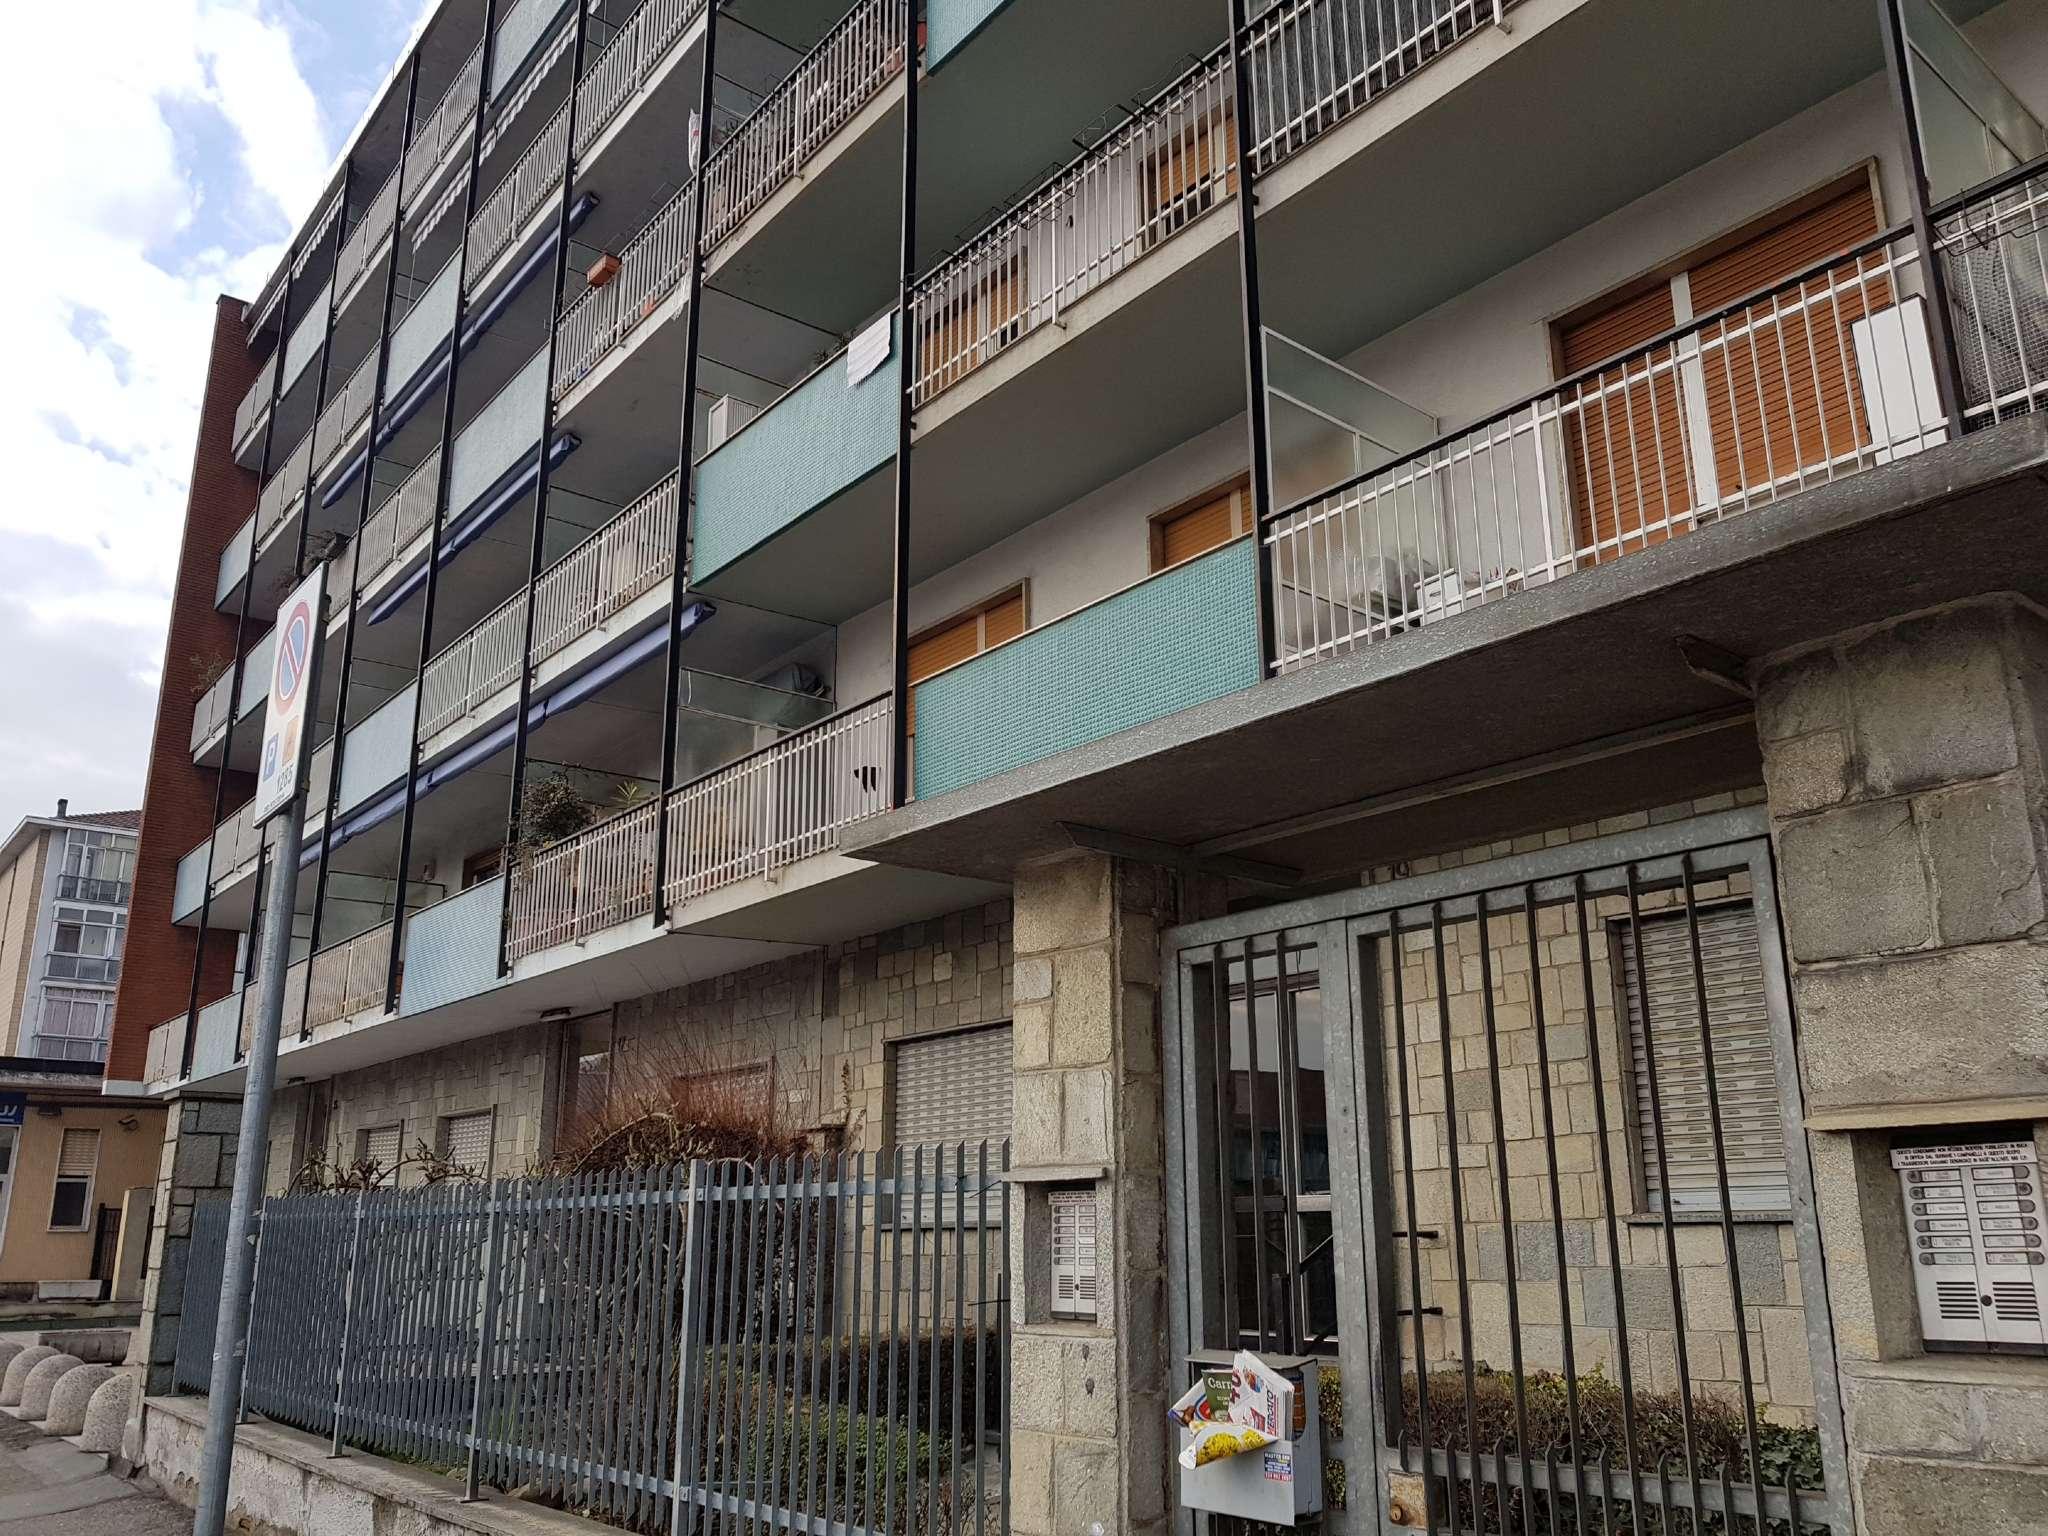 Torino Torino Affitto APPARTAMENTO >> cerco appartamento per affittare a torino